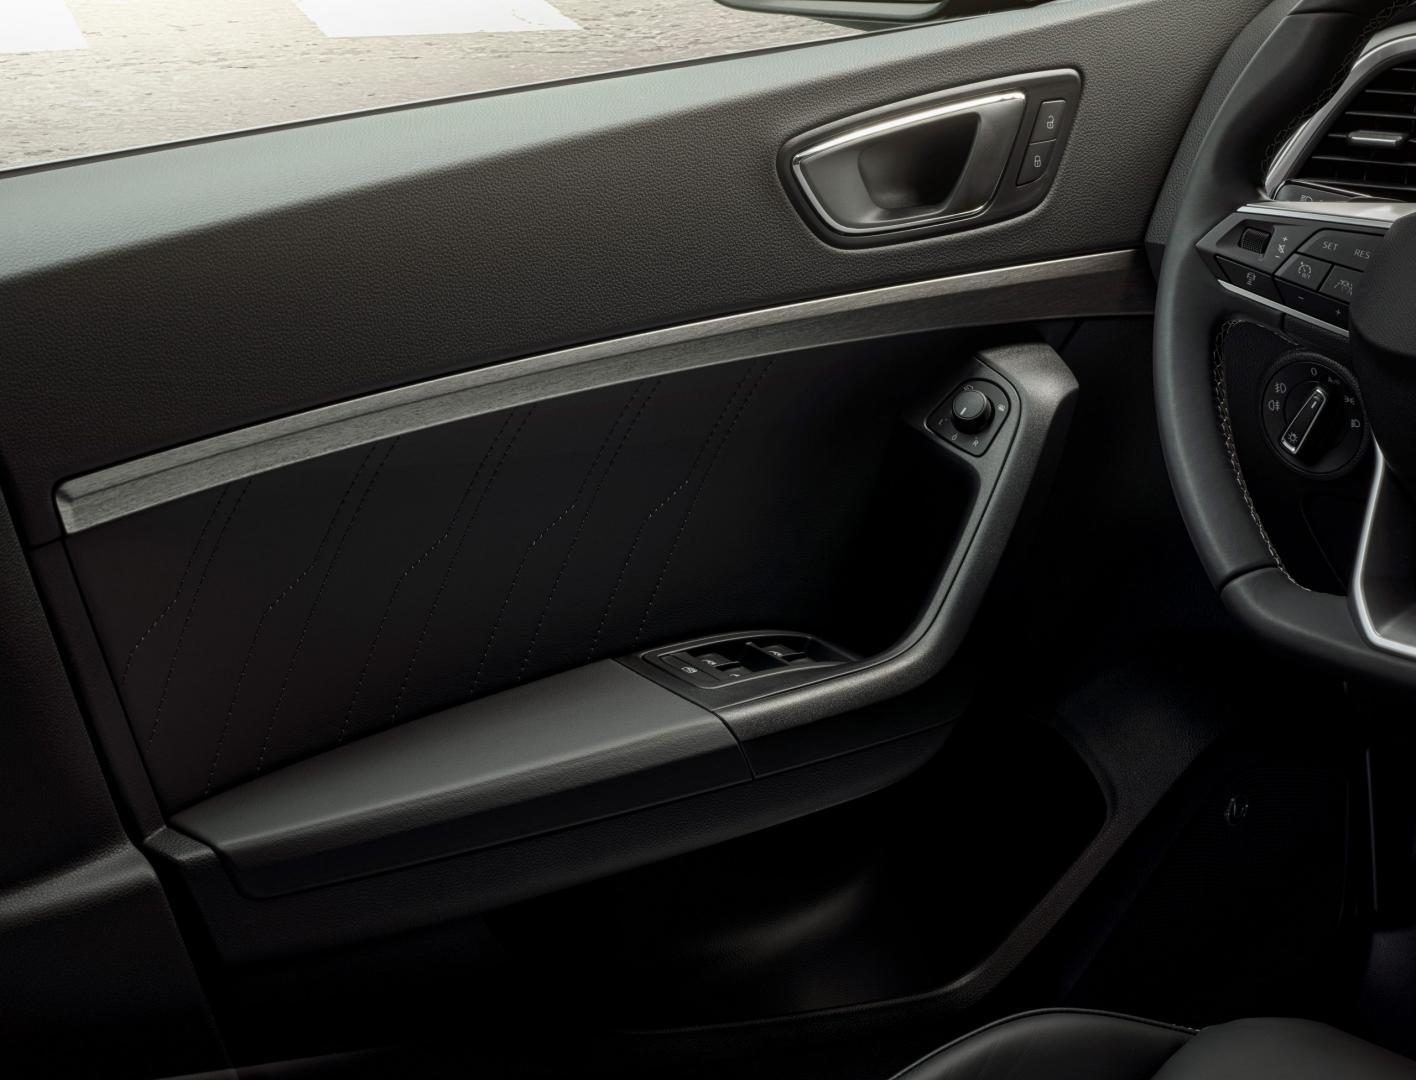 Deurgreep Seat Ateca-facelift 2020